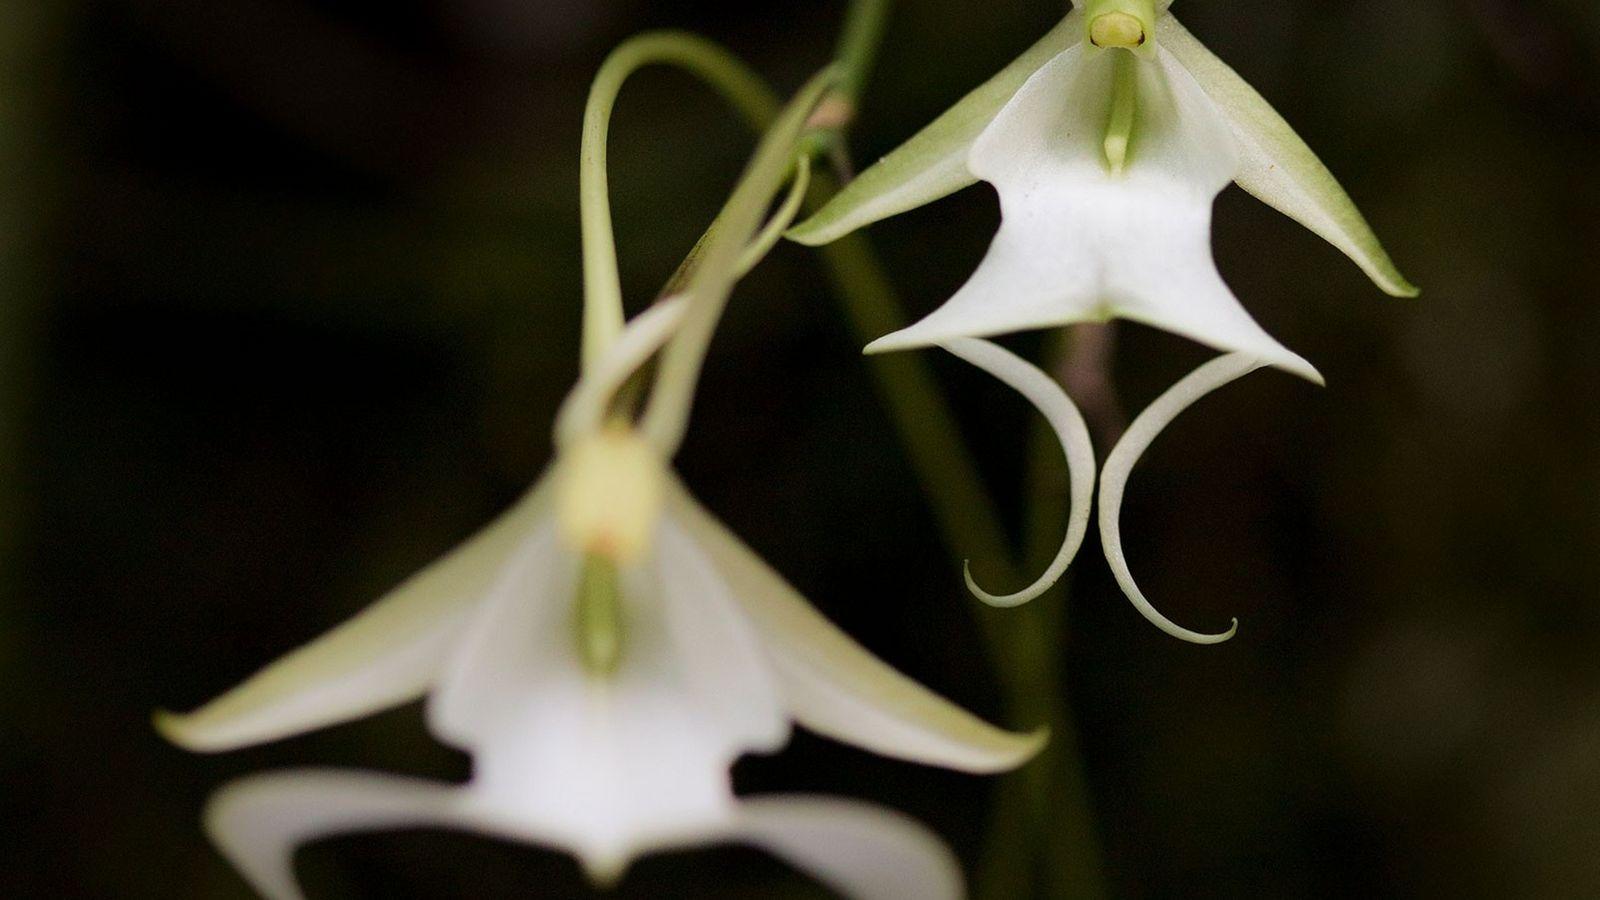 La rara orquídea fantasma crece principalmente en tres áreas protegidas en el sur de Florida. Sus ...